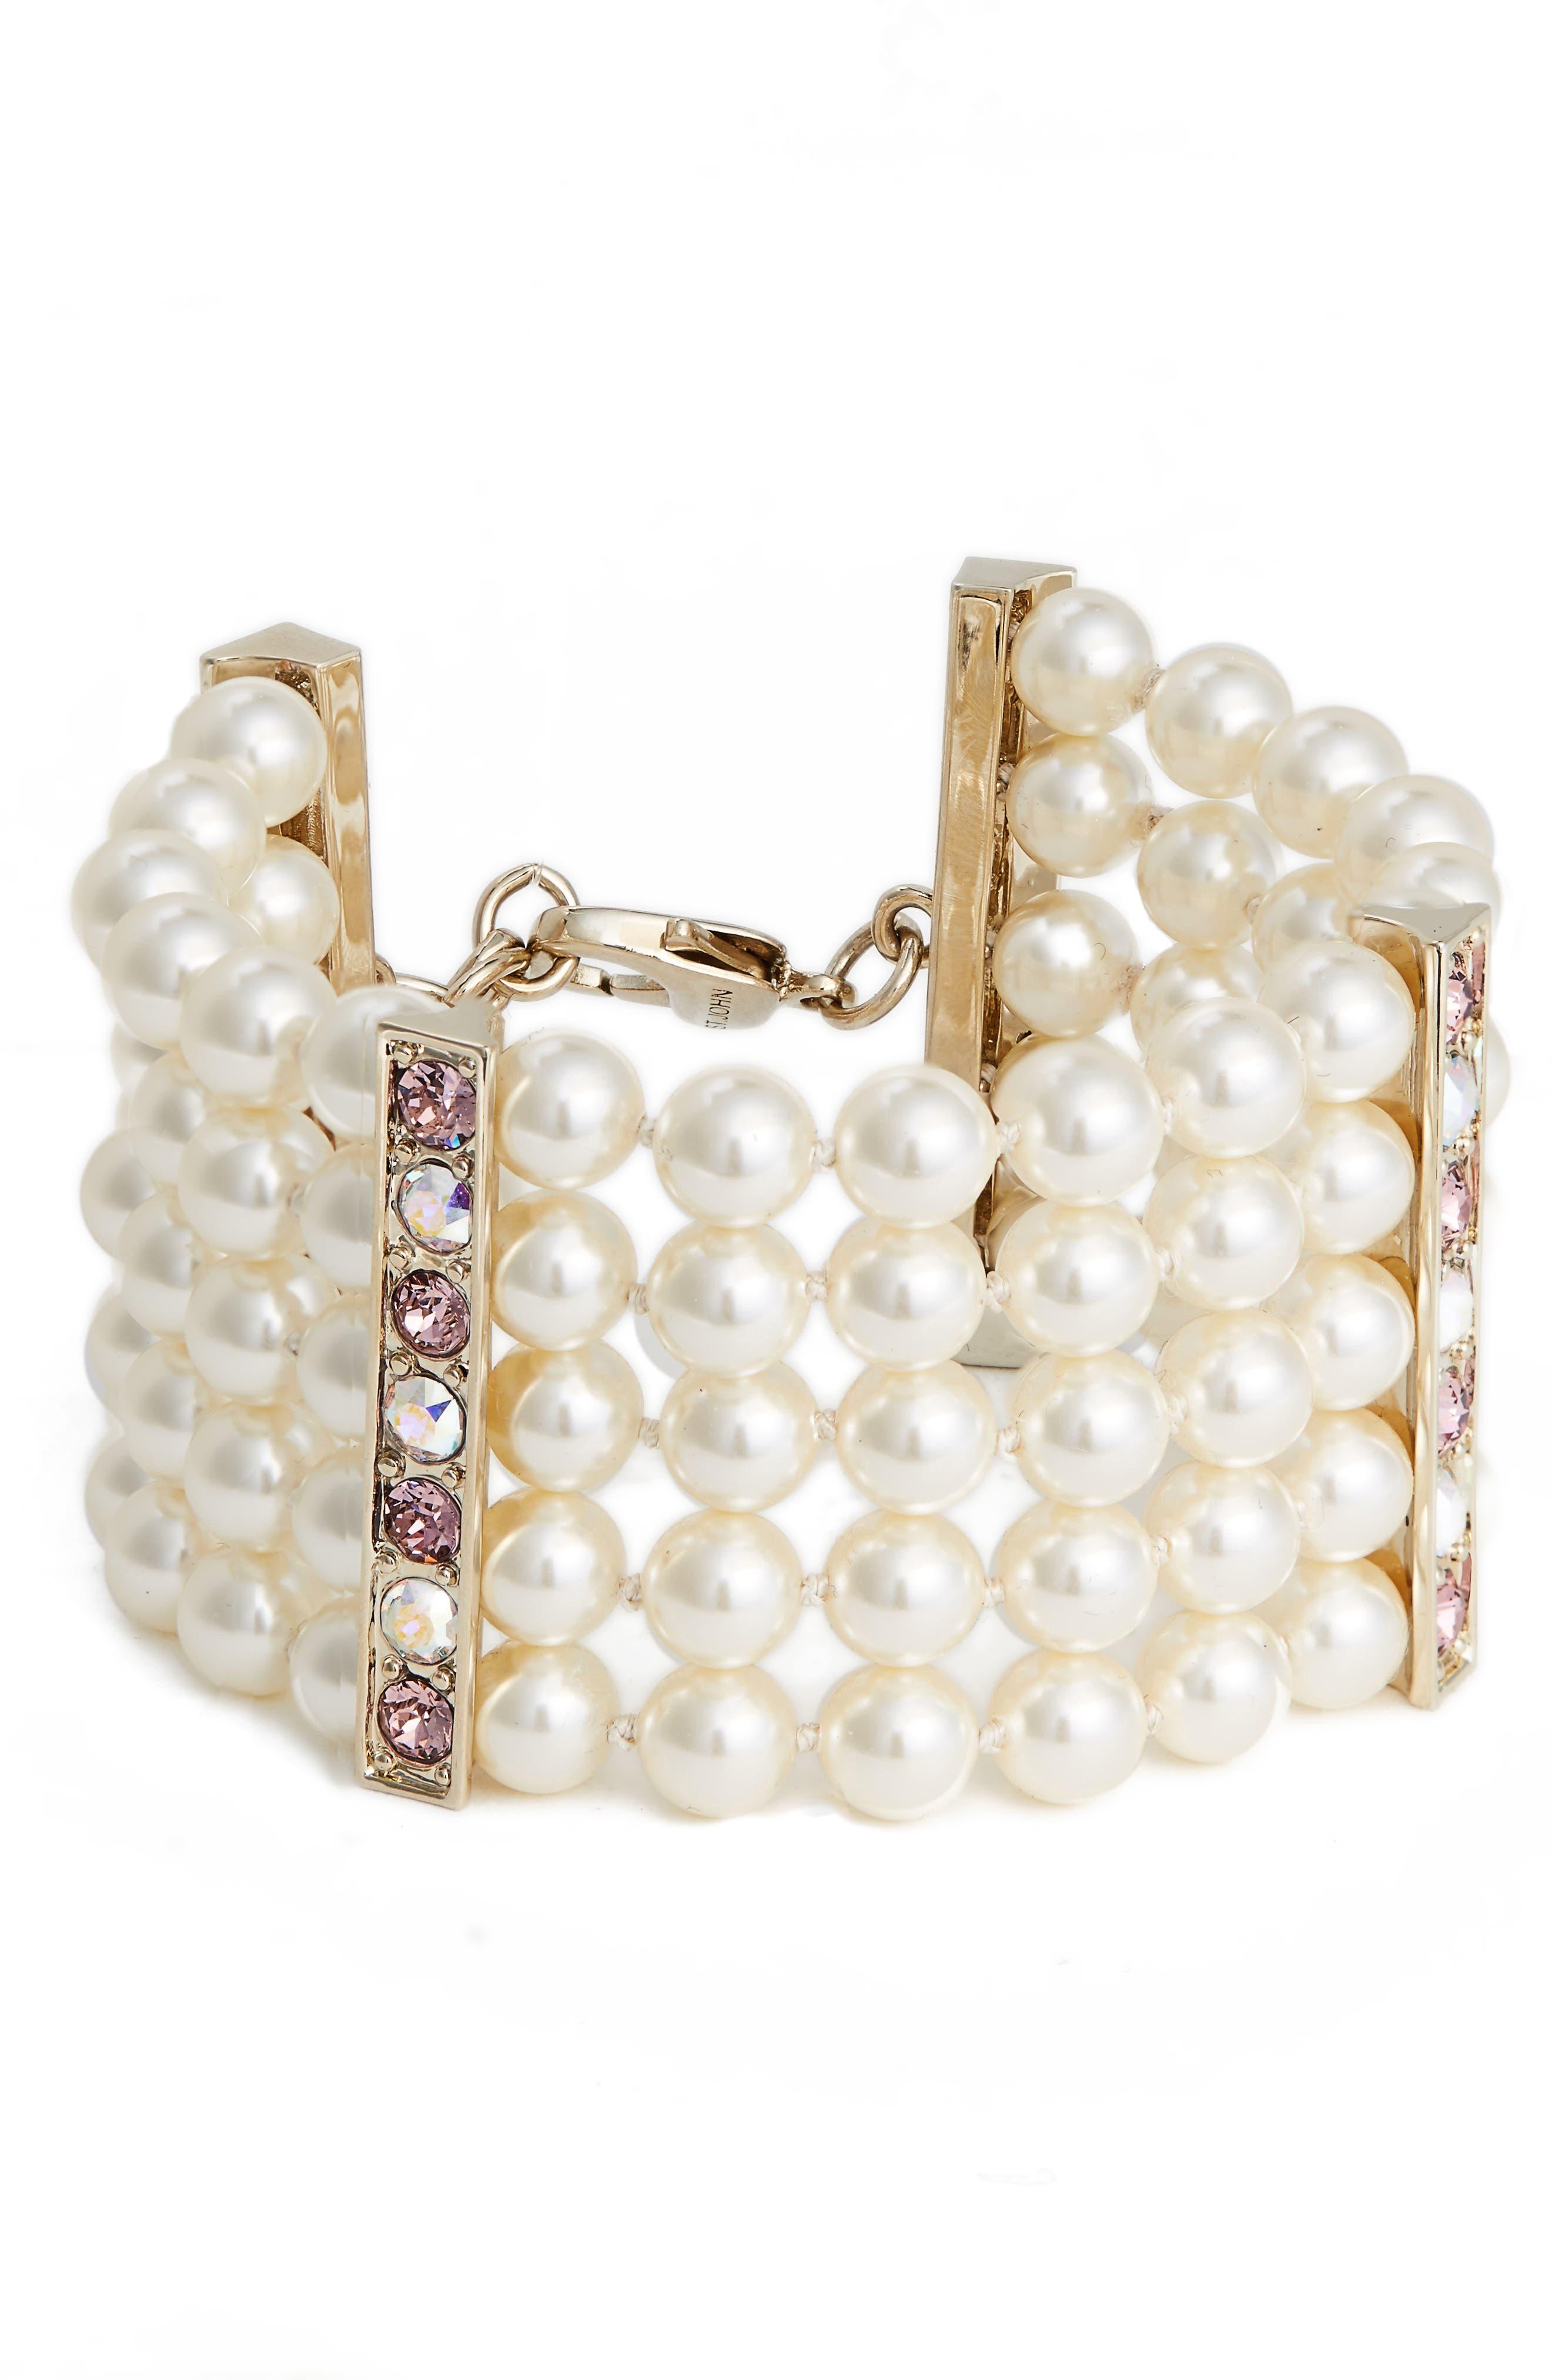 Swarovski Imitation Pearl & Crystal Bracelet,                         Main,                         color, 710